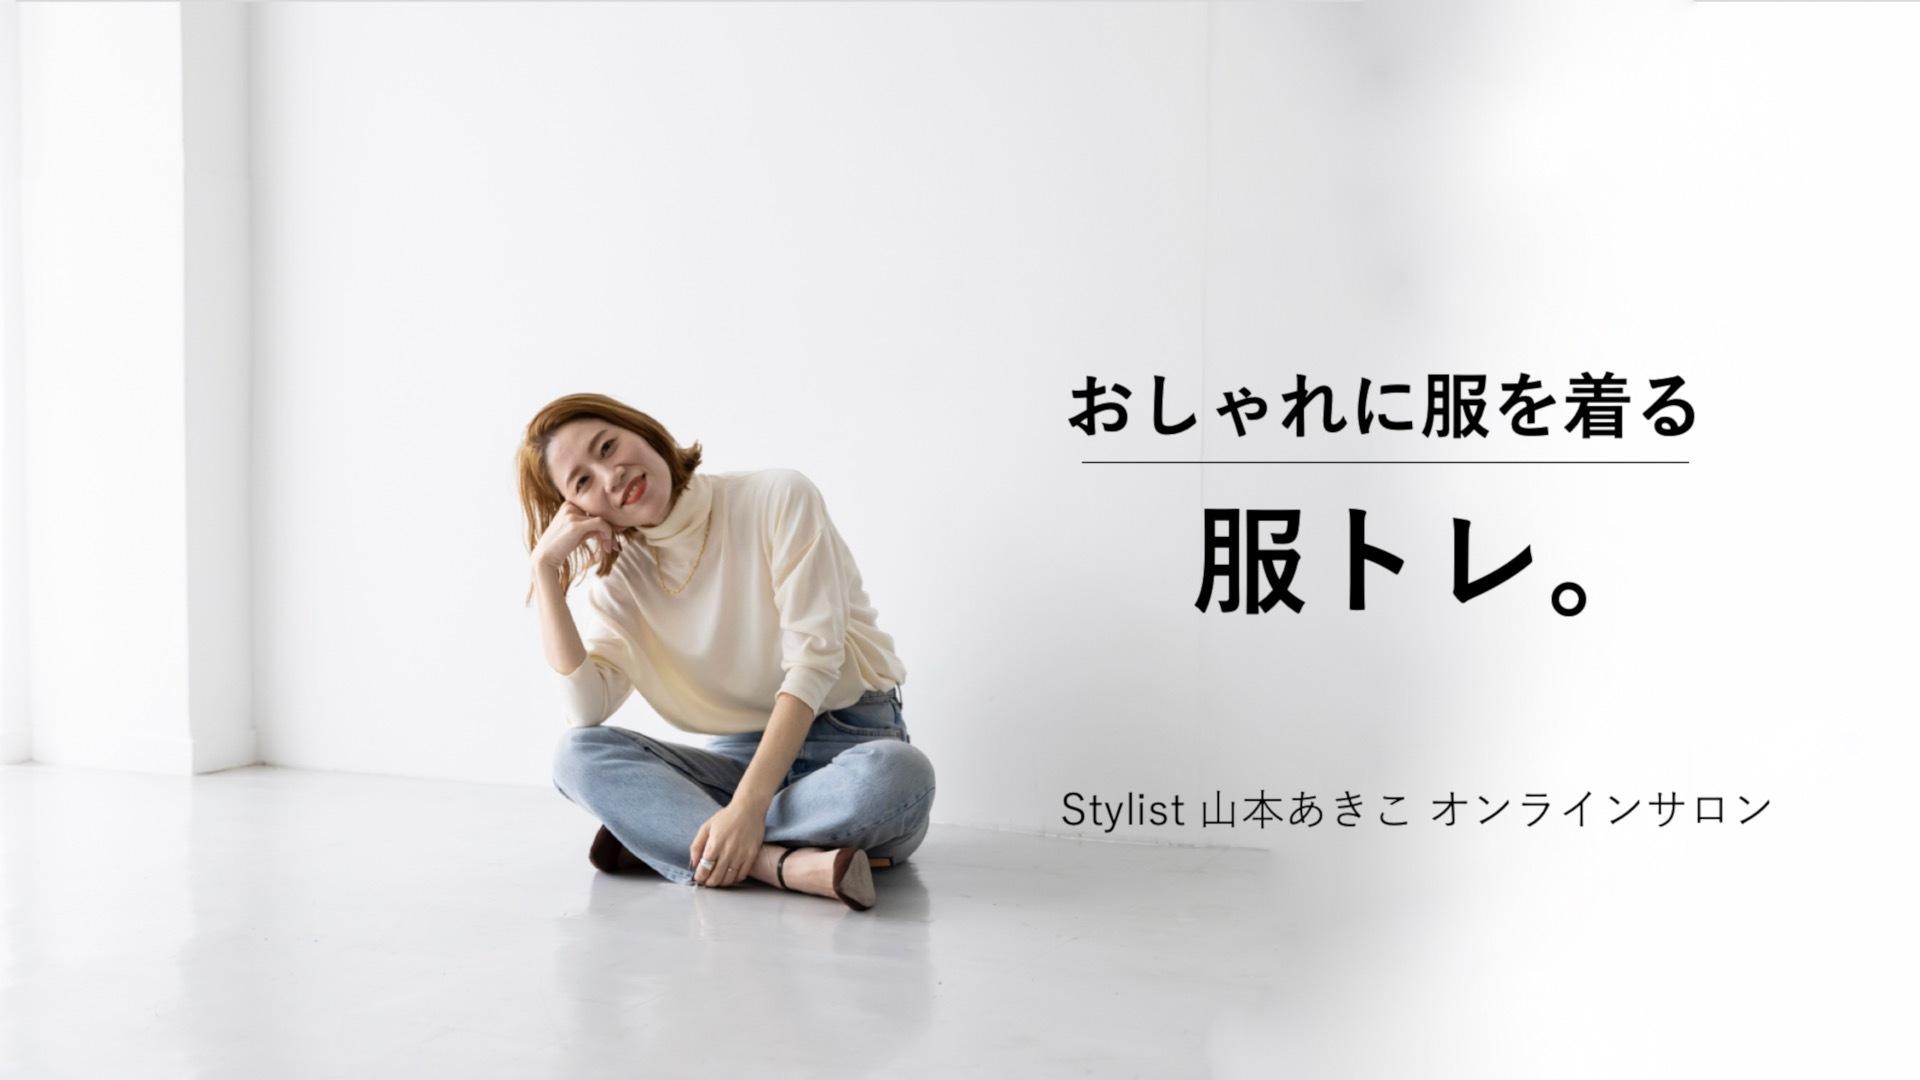 スタイリスト 山本あきこ - 『見た目チェンジで人生を変える』山本あきこのセンスいい女になるサロン - DMM オンラインサロン